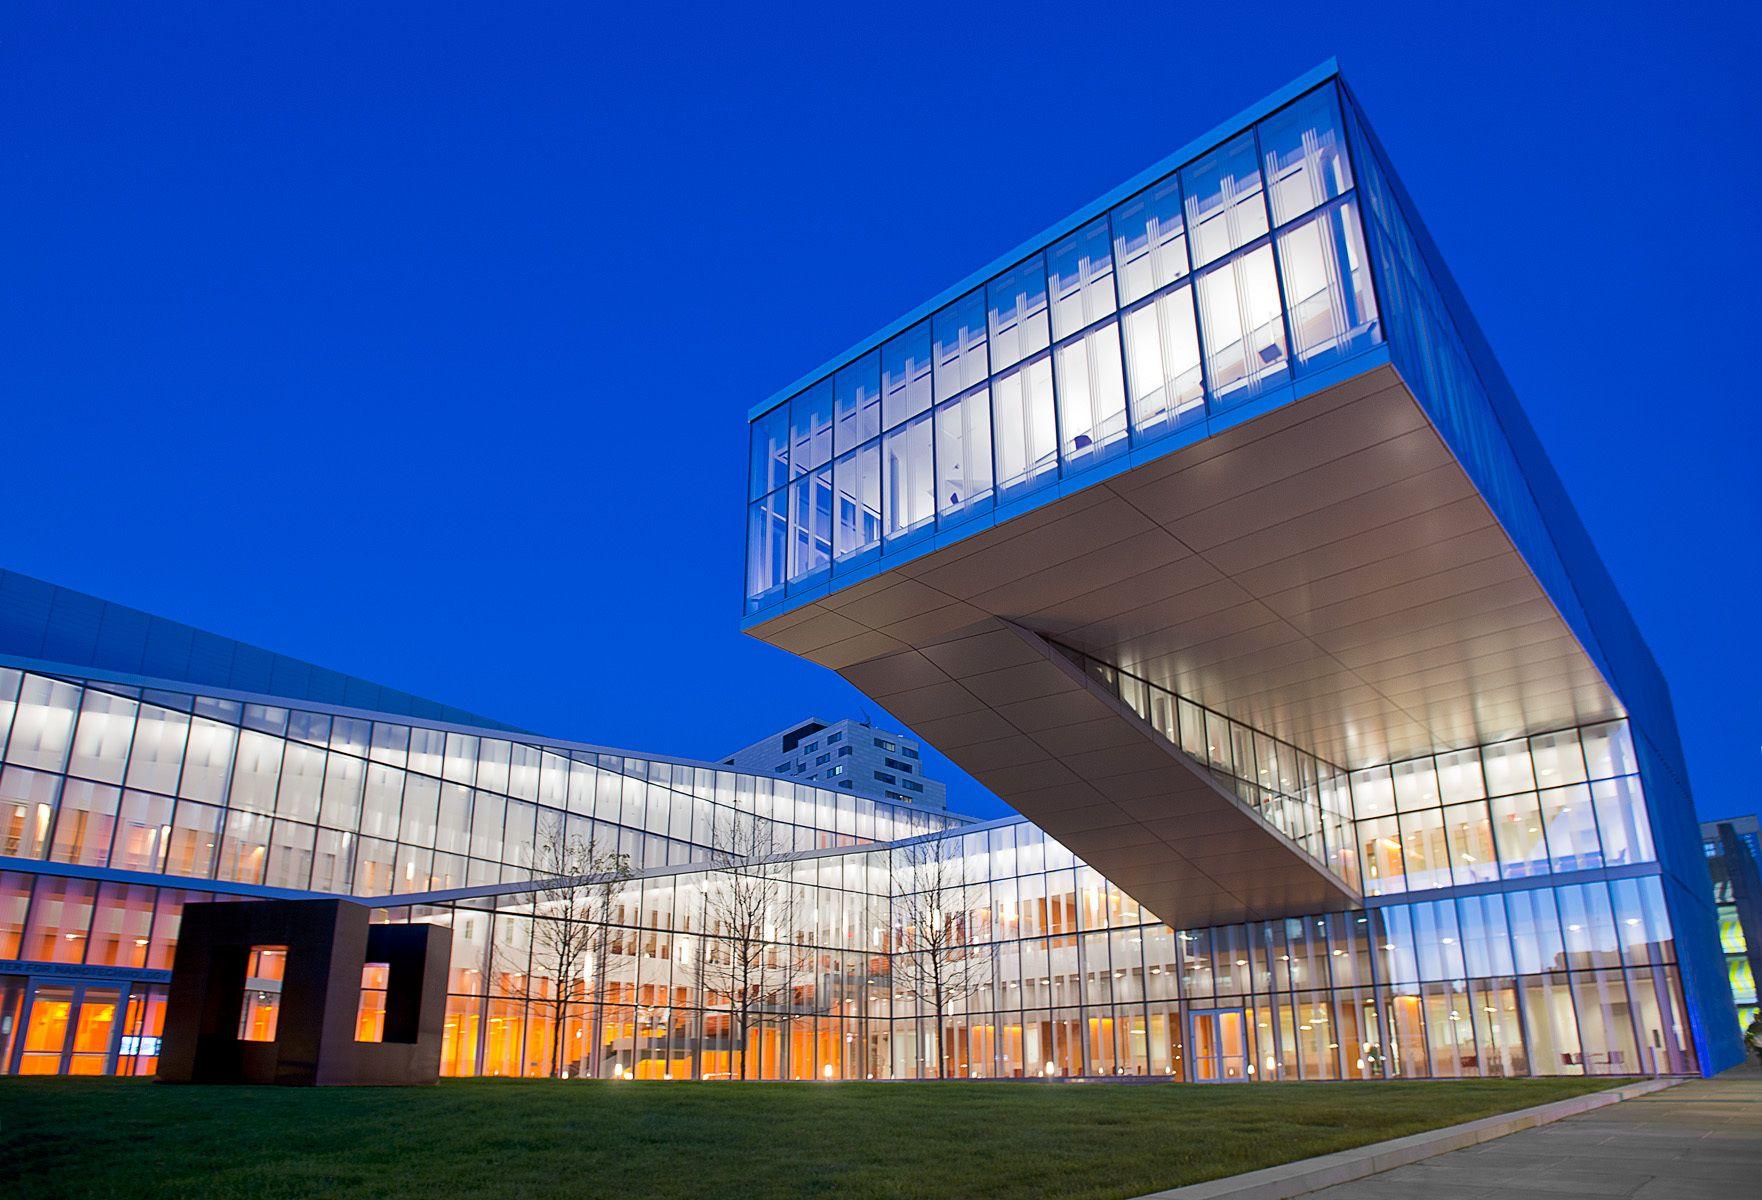 Krishna P. Singh Center for Nanotechnology, University of Pennsylvania, Philadelphia, PA